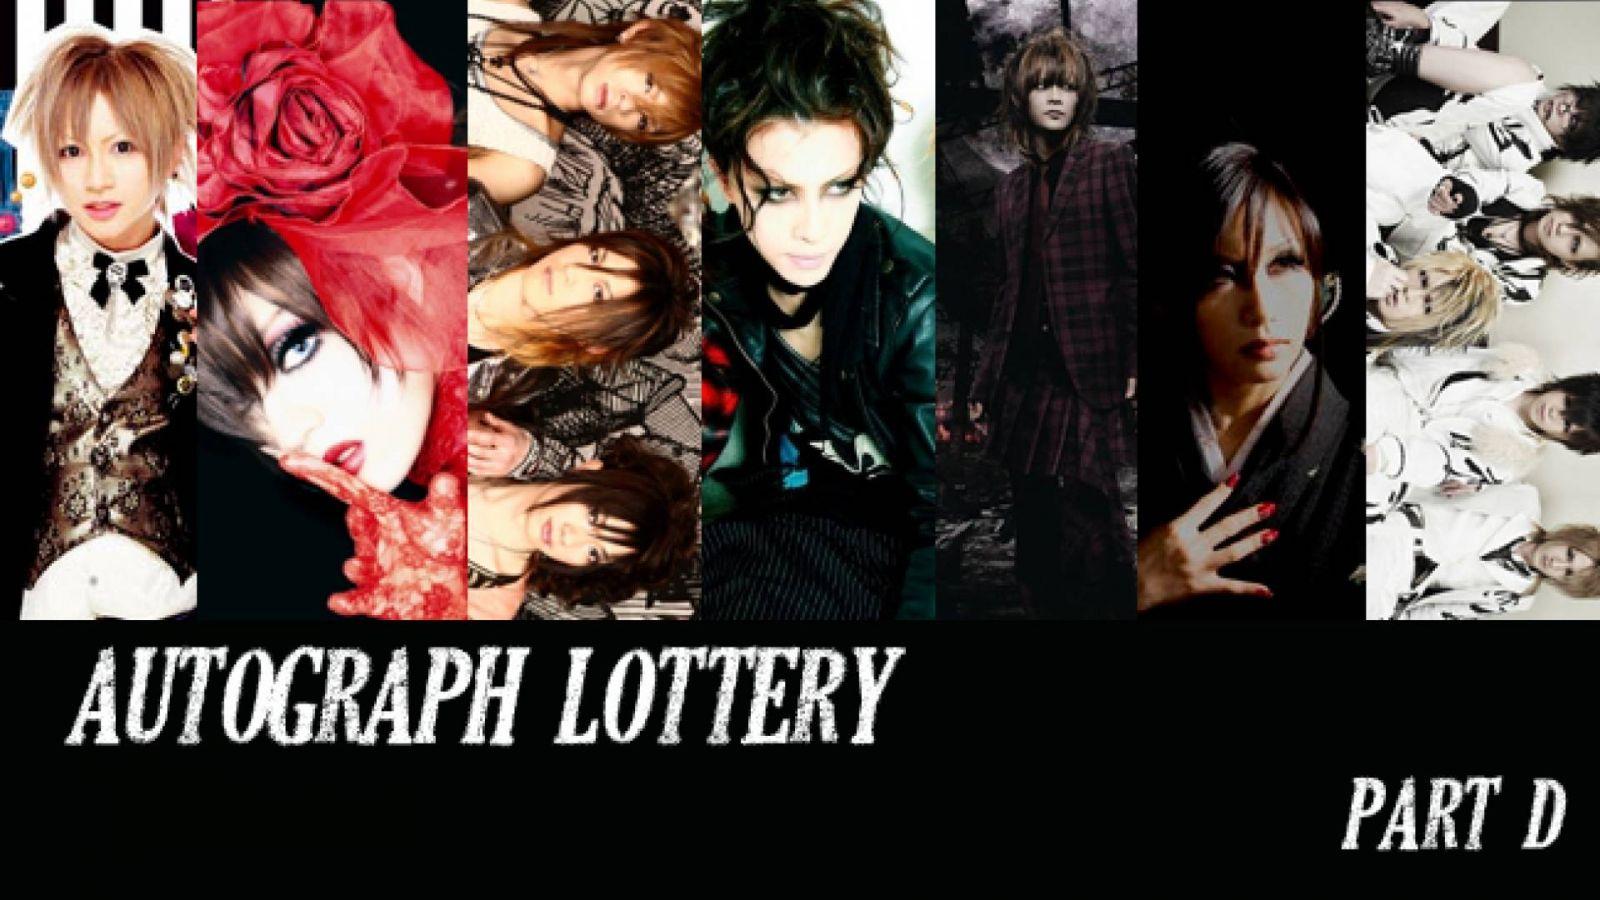 5° Aniversário JaME: Loteria de Autógrafos, Parte D © JaME